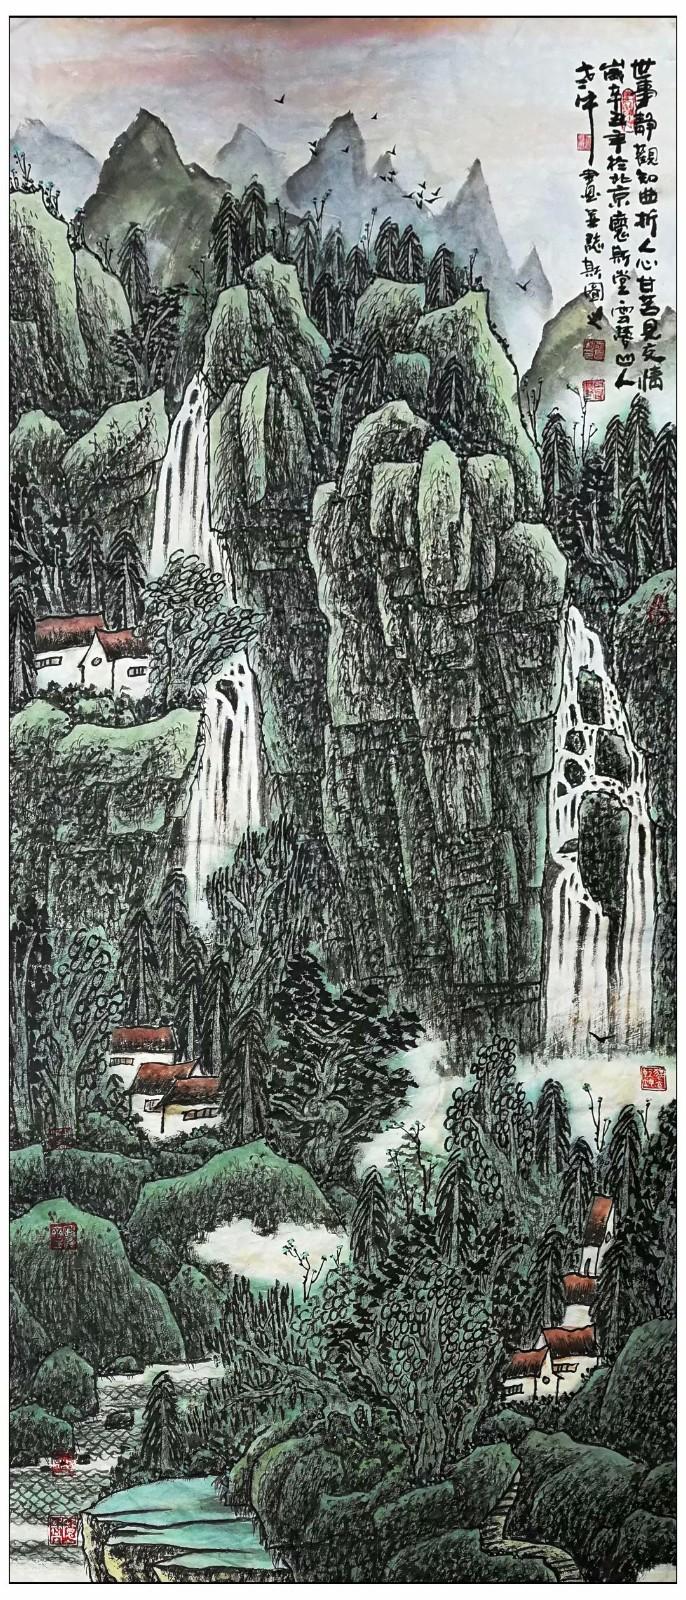 牛志高山水画2021.07.05_图1-2